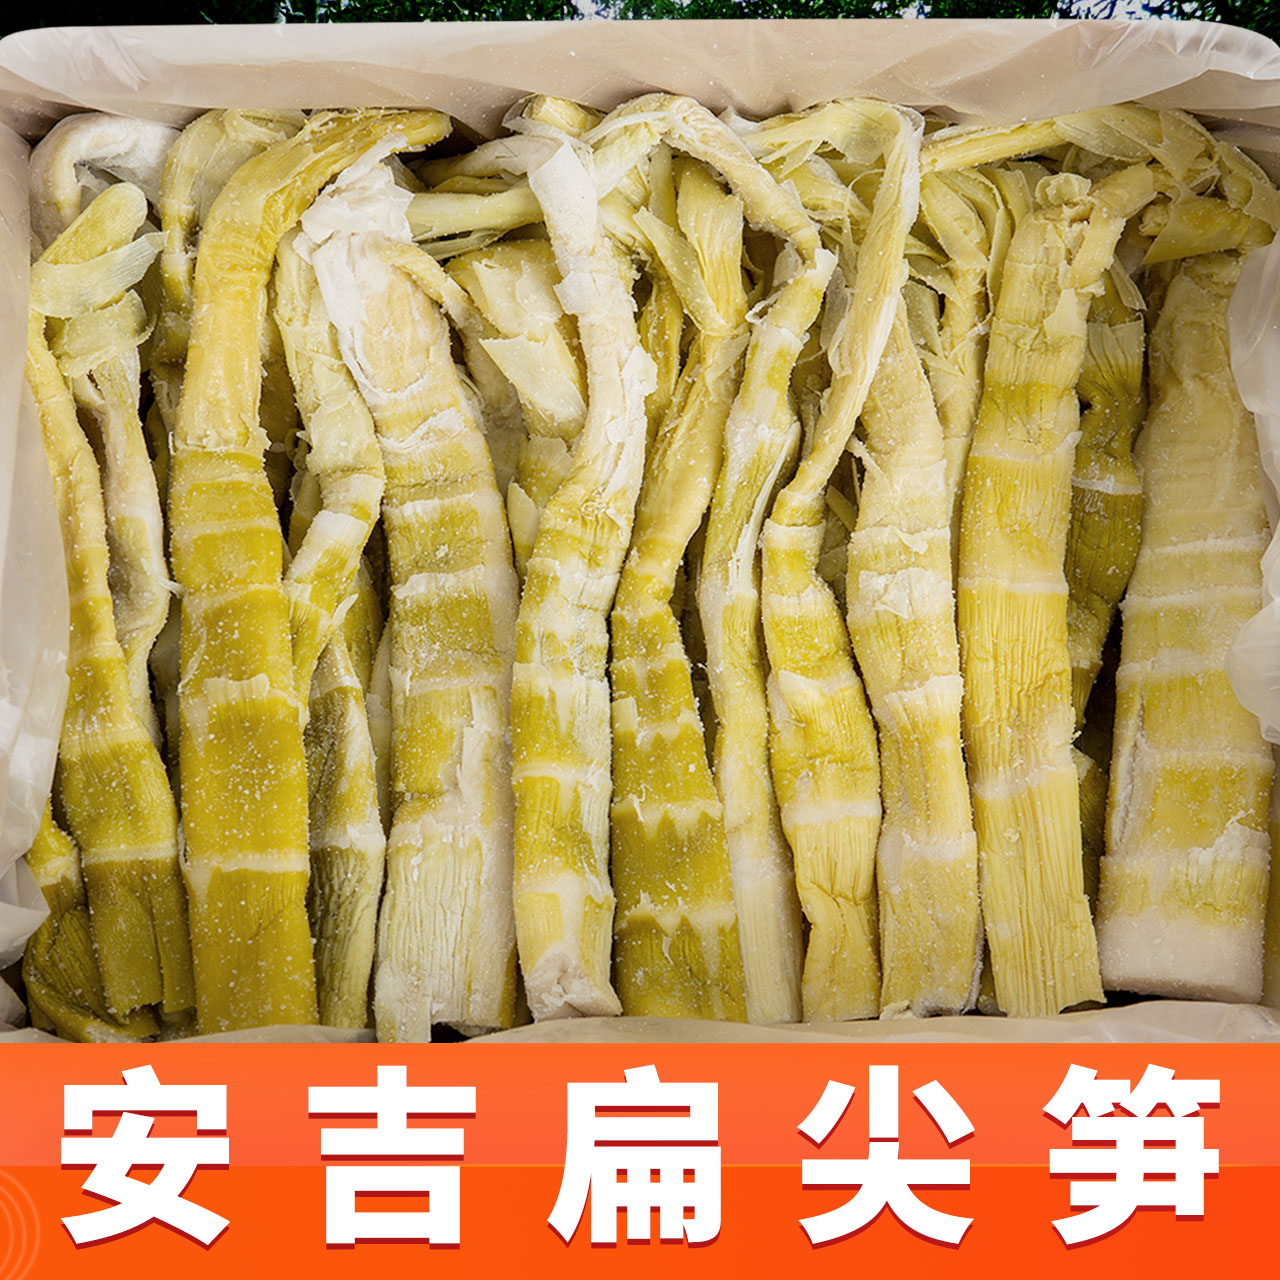 天目扁尖嫩笋头笋干干货特级嫩笋尖农家自制5斤装腌制竹笋干批发